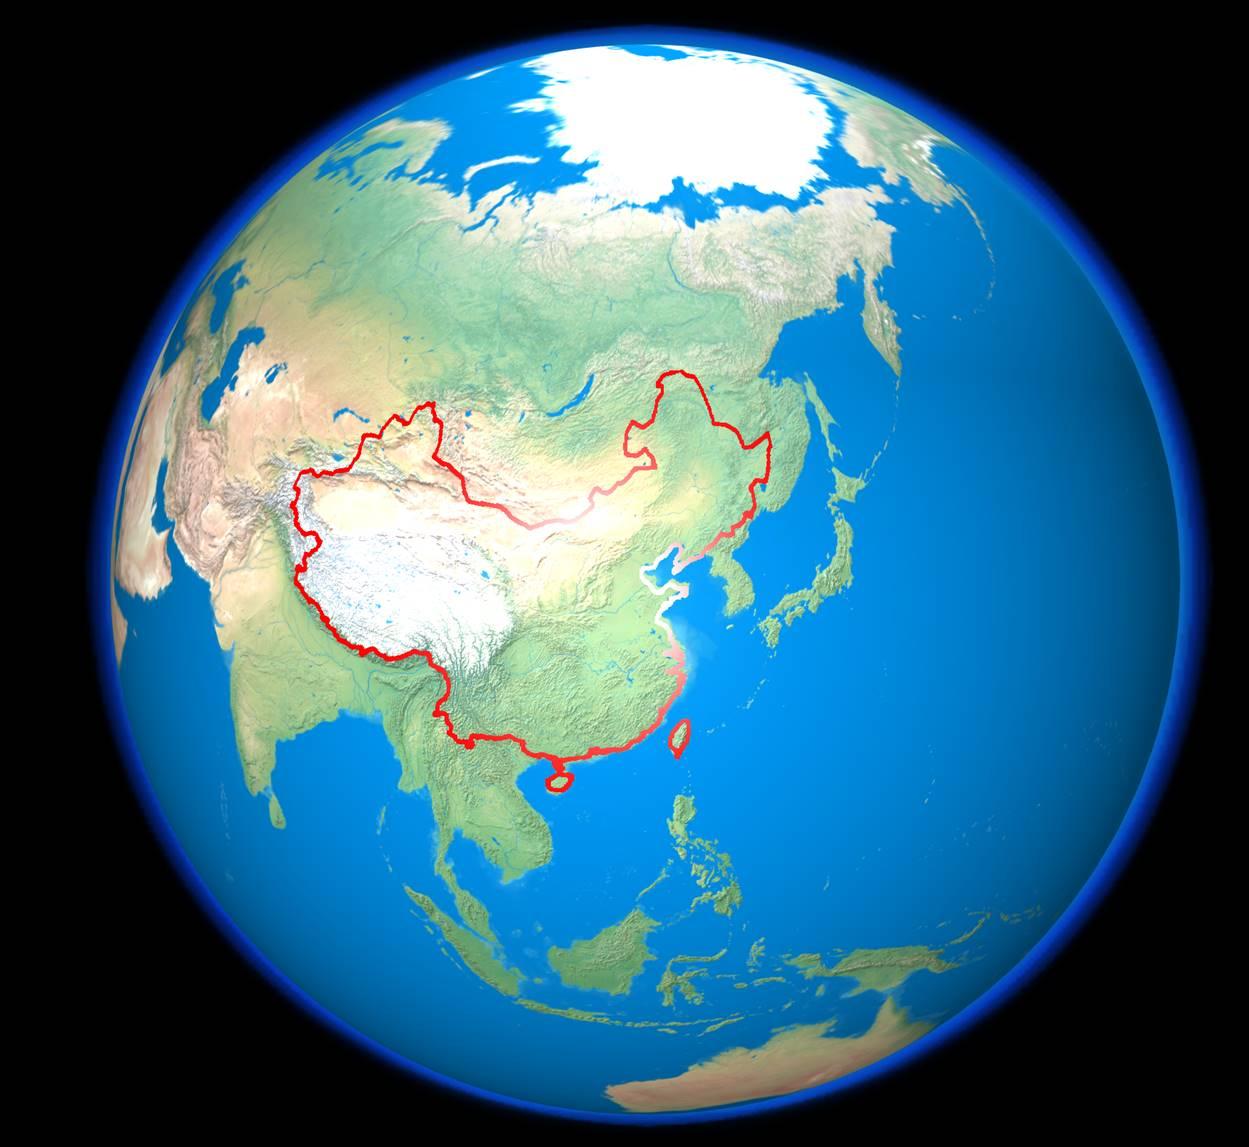 然后把地图作为贴图叠加在地球上,调剂位置